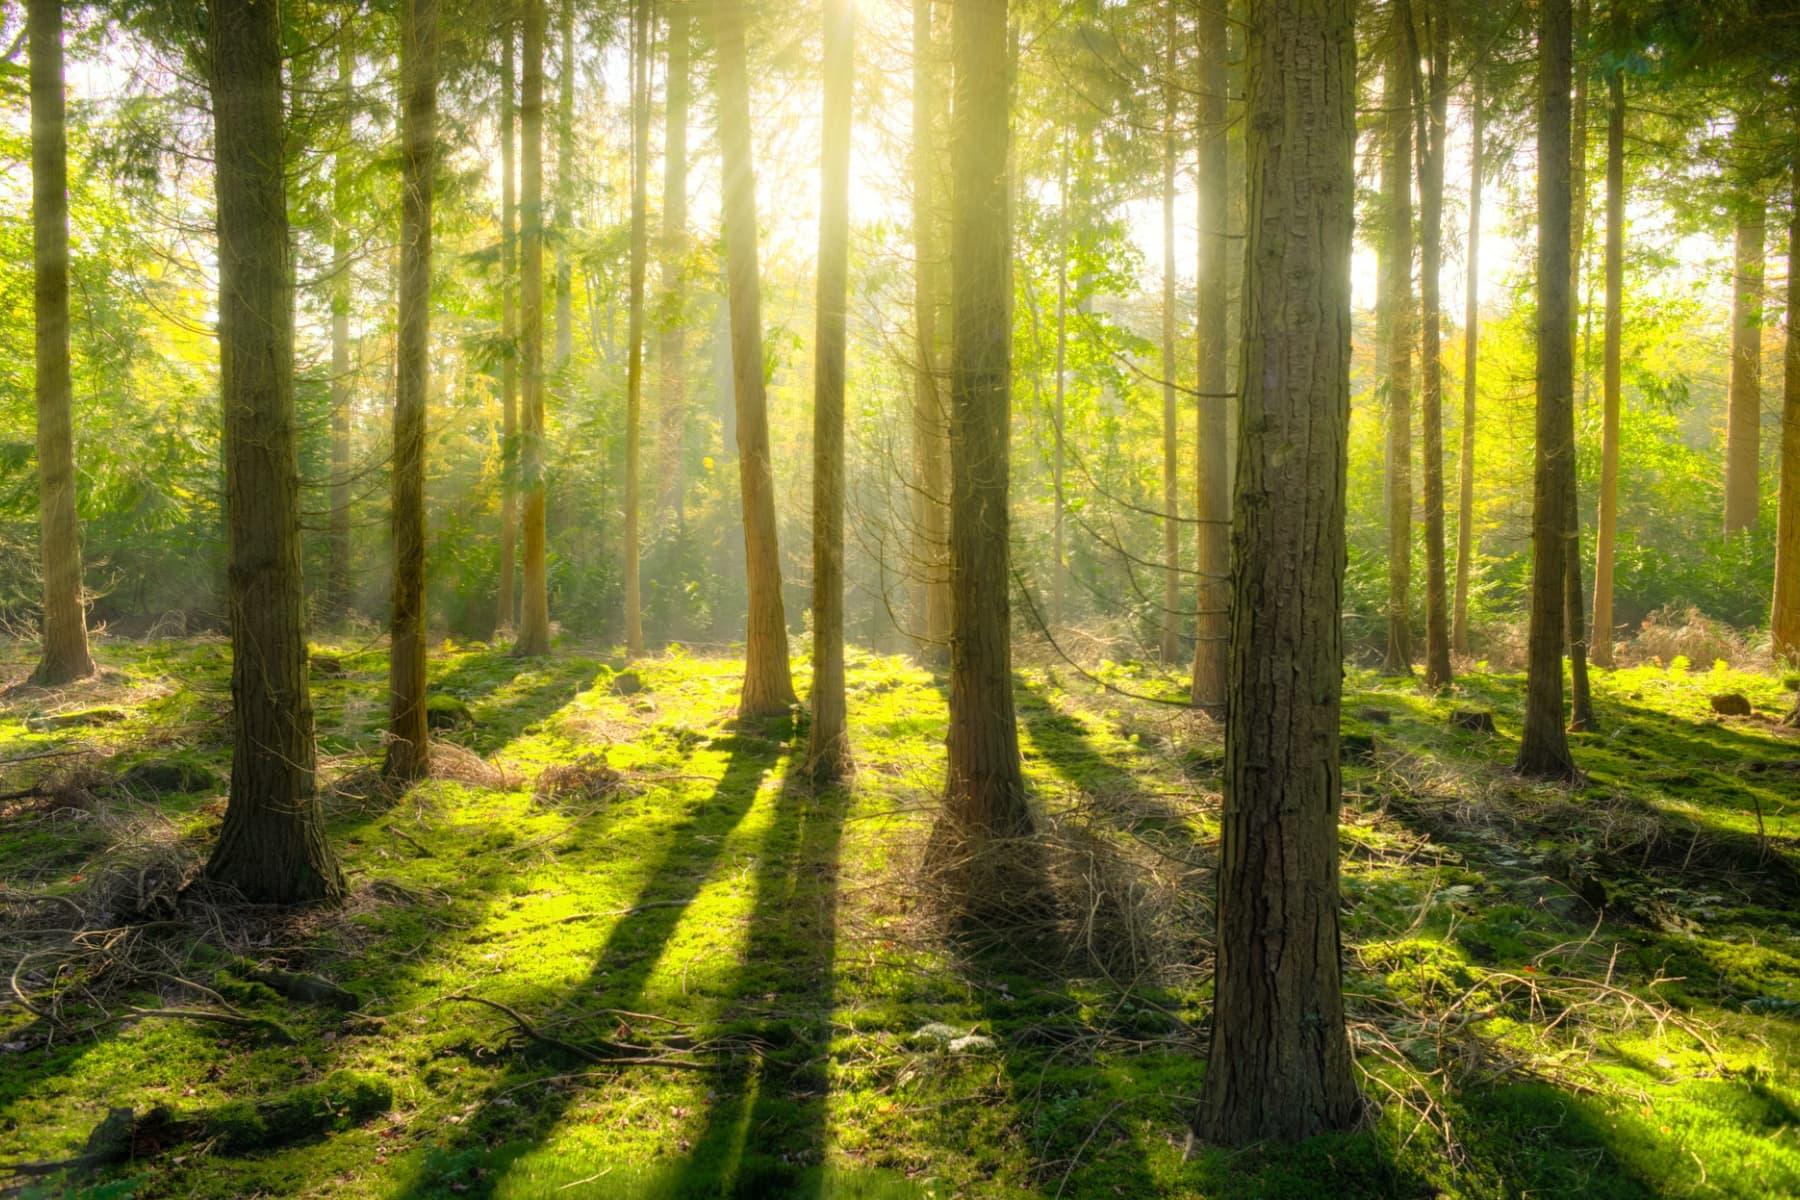 Studie: Die deutschen sind eher besorgt um den Zustand der Wälder